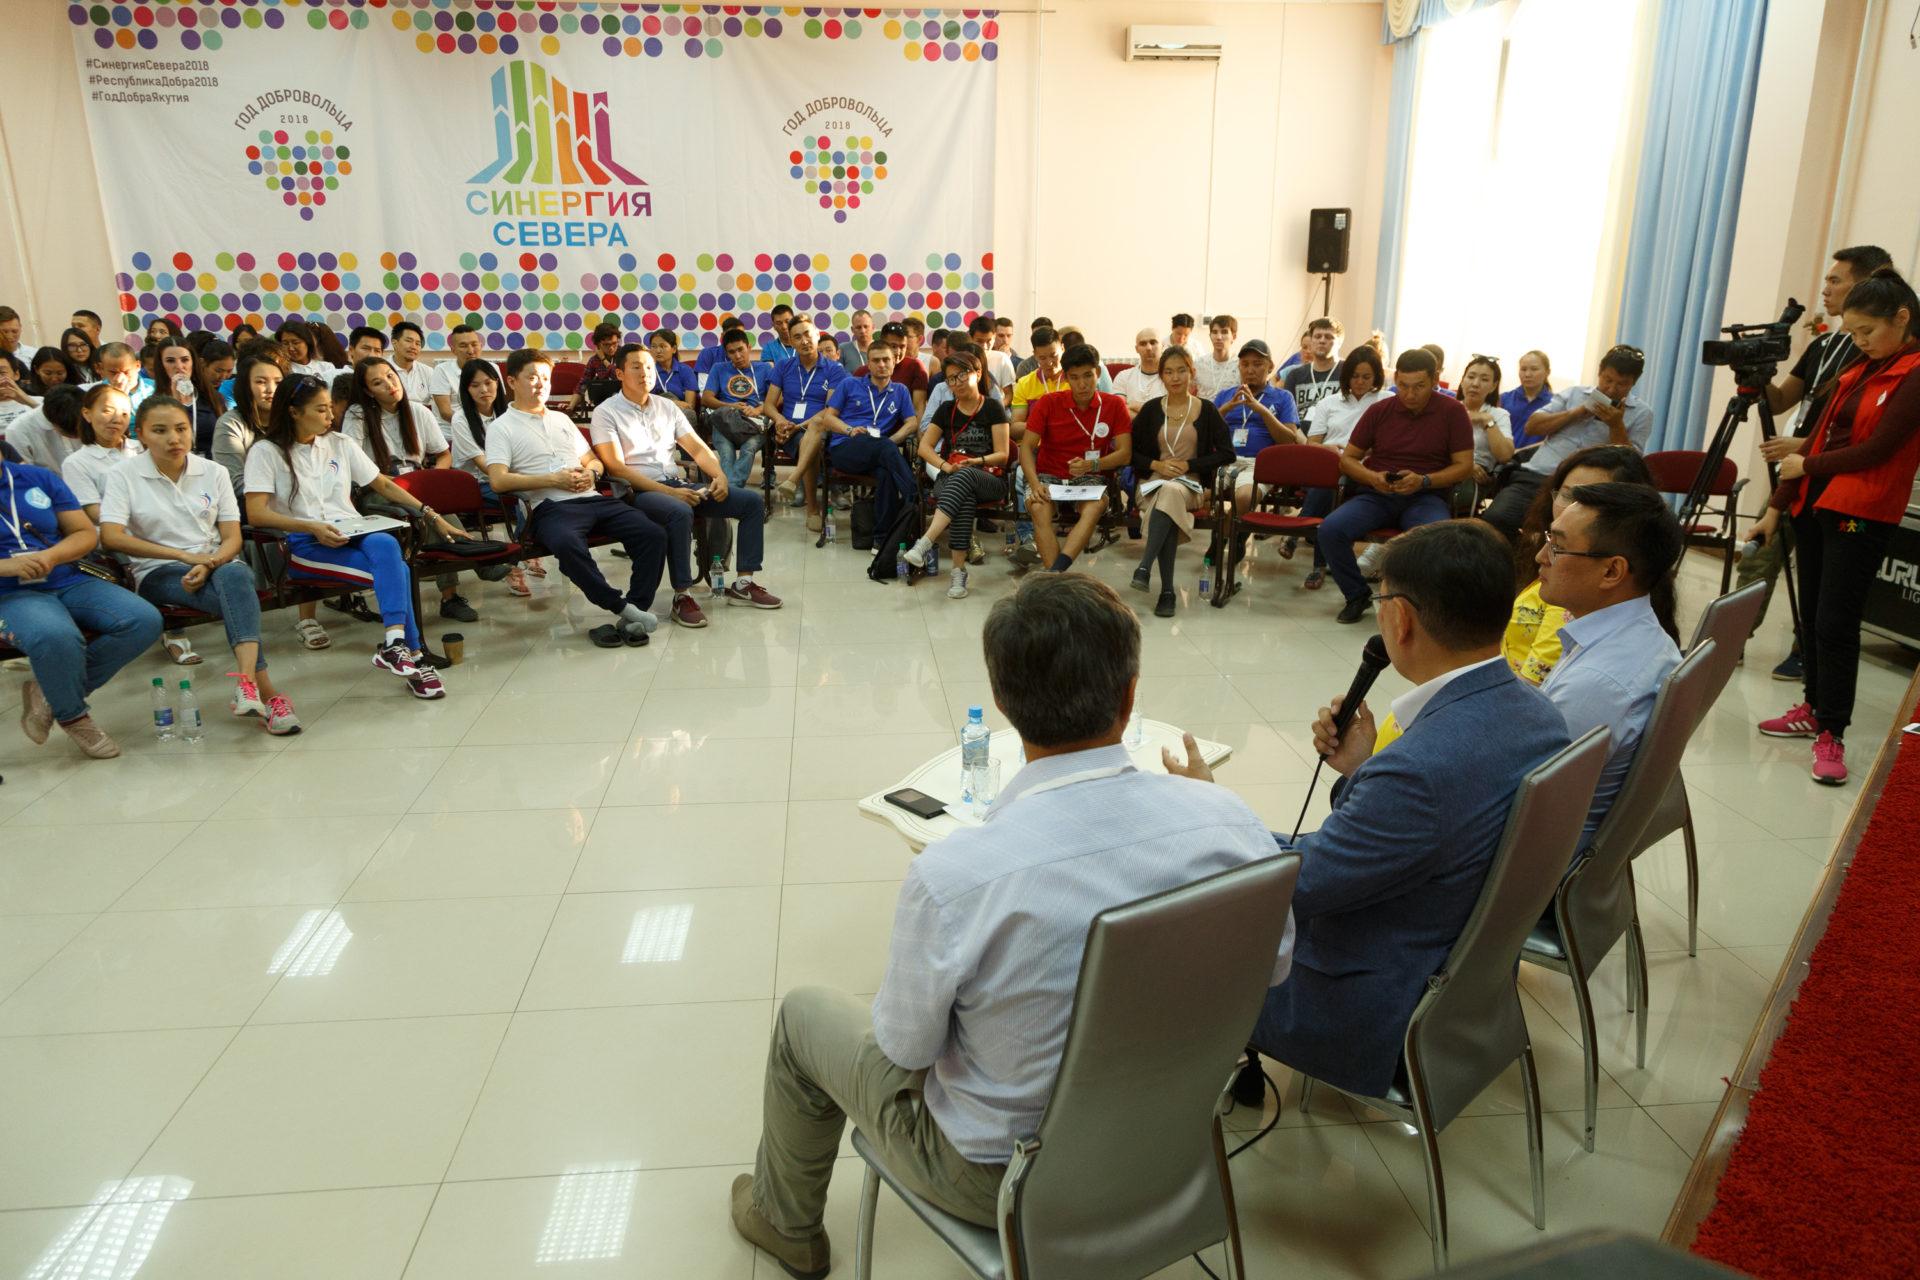 Участников «Синергии Севера» беспокоят вопросы образования в республике